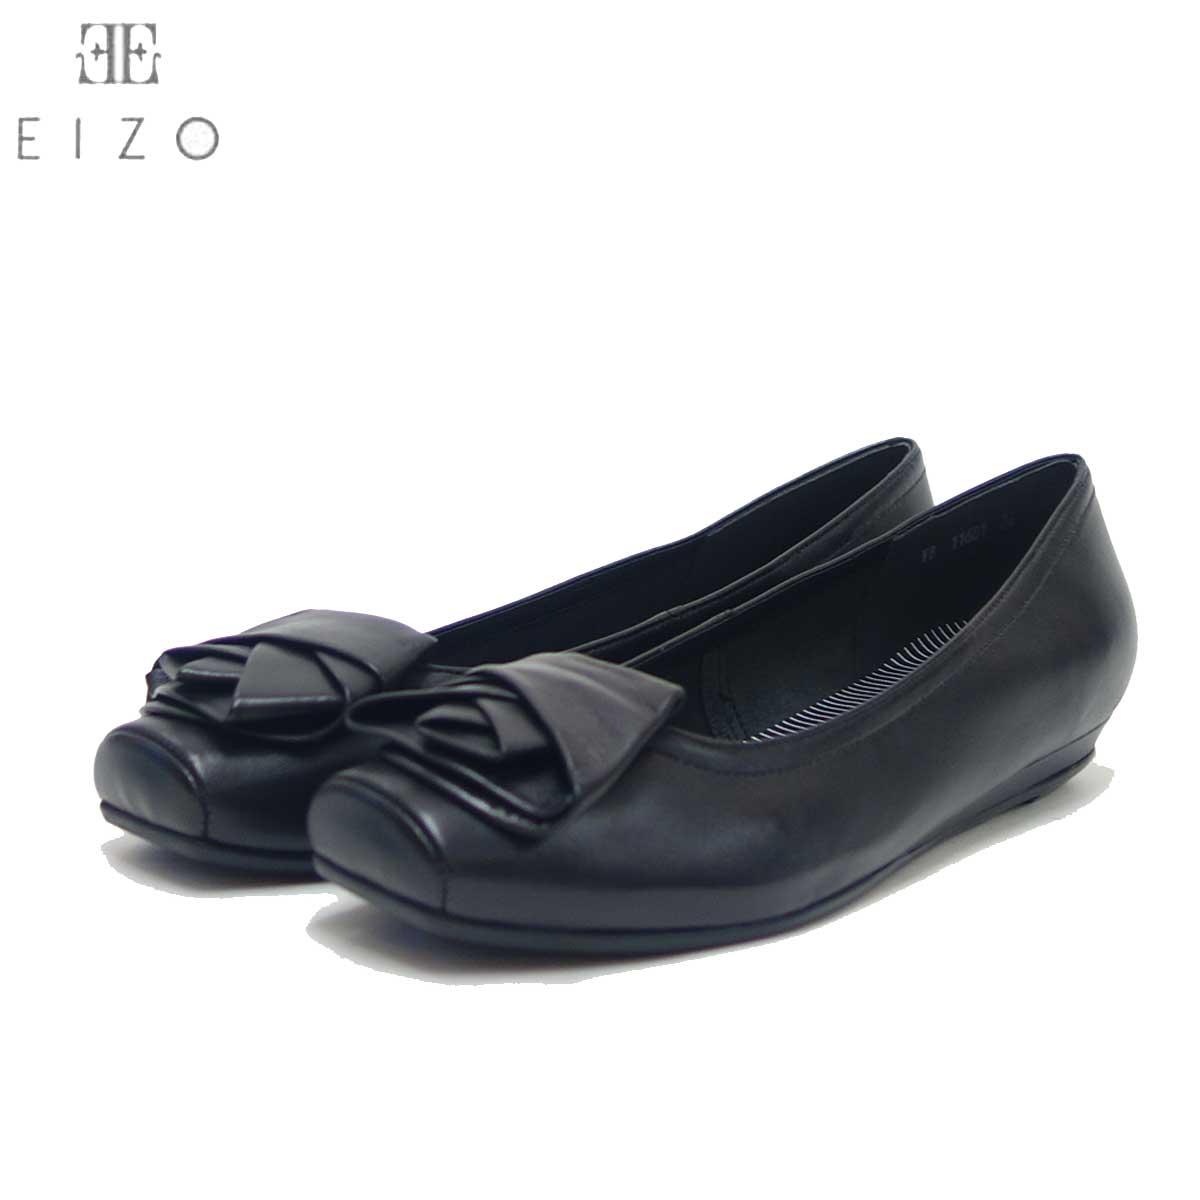 Vue ビュー EIZO Collection 11601 ブラック 快適フィットのバレエシューズ 「靴」